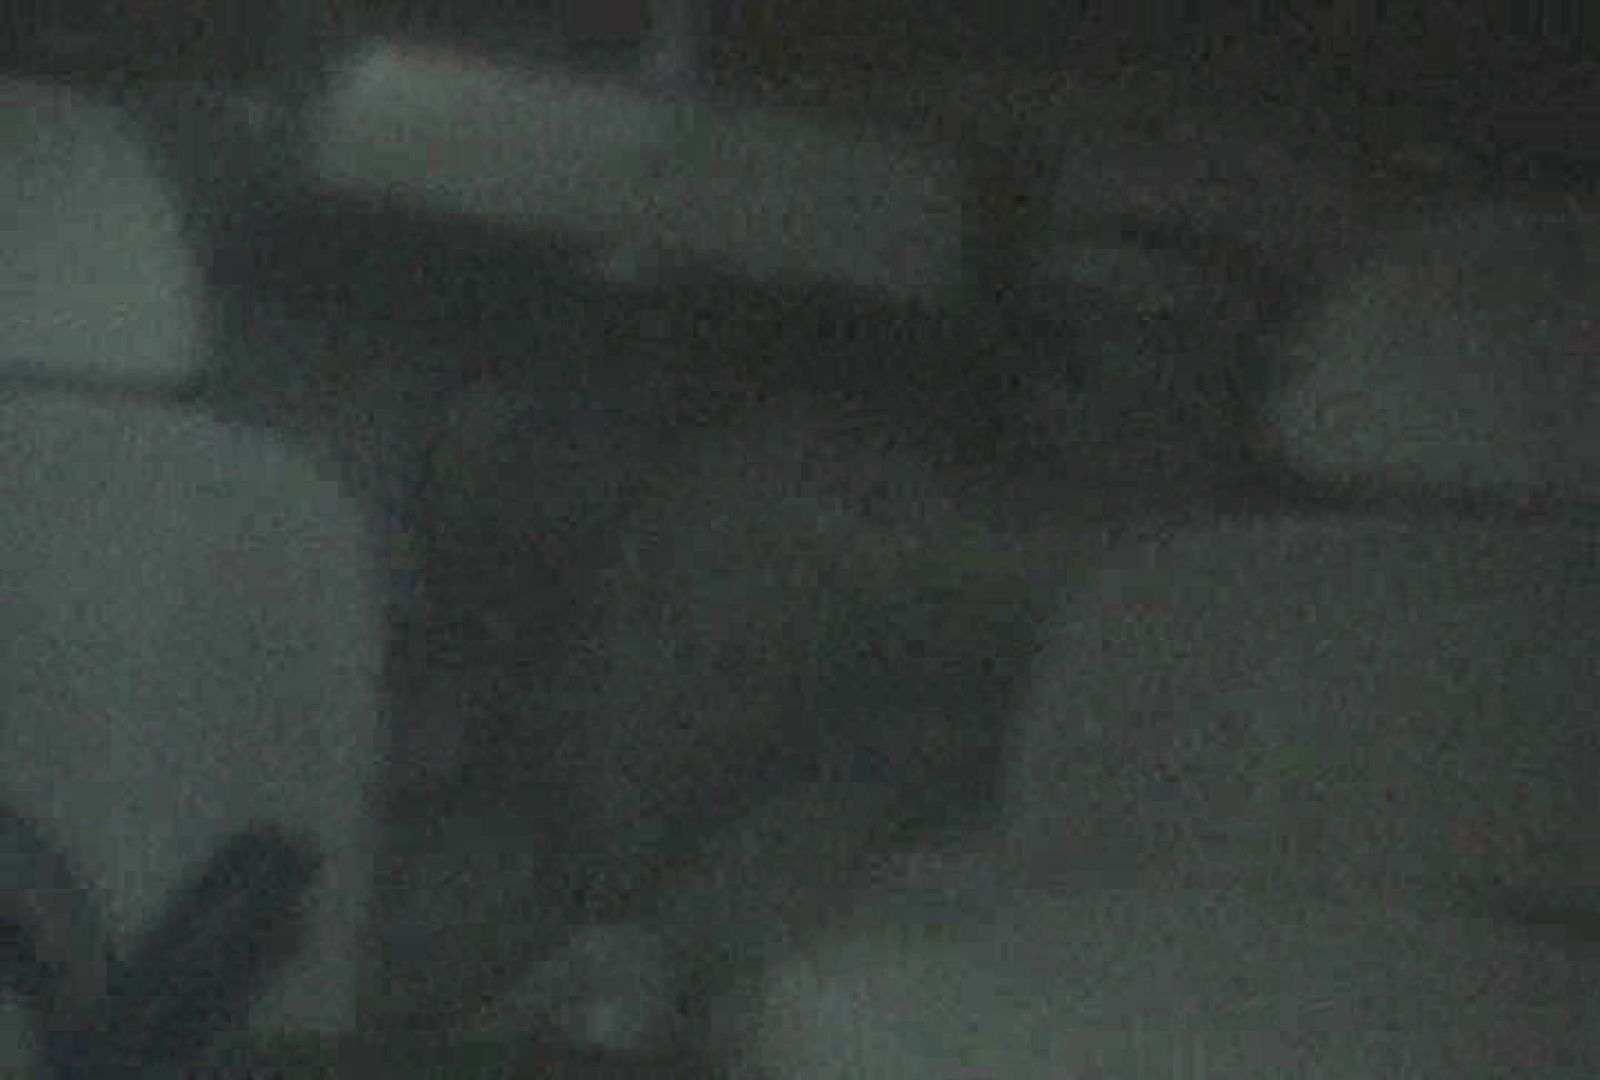 充血監督の深夜の運動会Vol.45 ロータープレイ | カーセックス  89pic 25